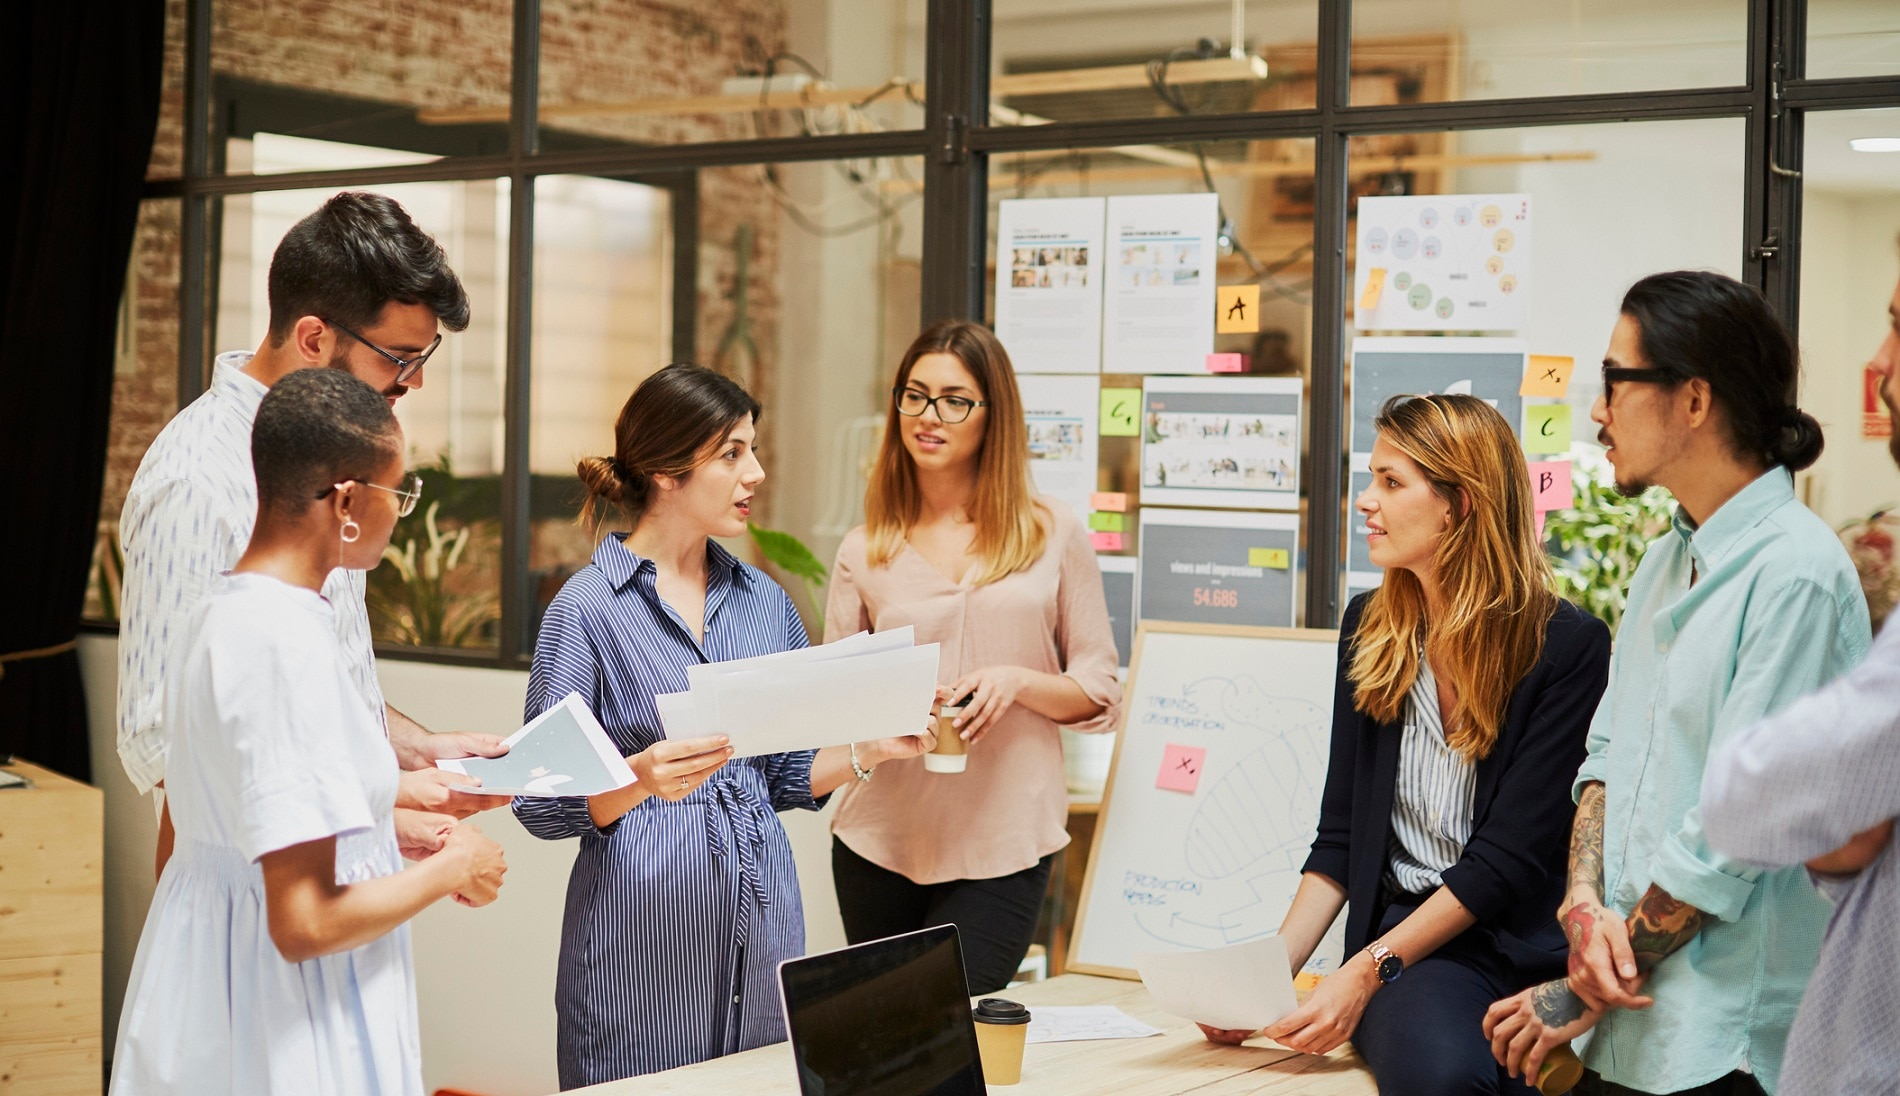 trabajo-meeting-agile-equipo-oficina-recursos-humanos-jovenes-talento-bbva